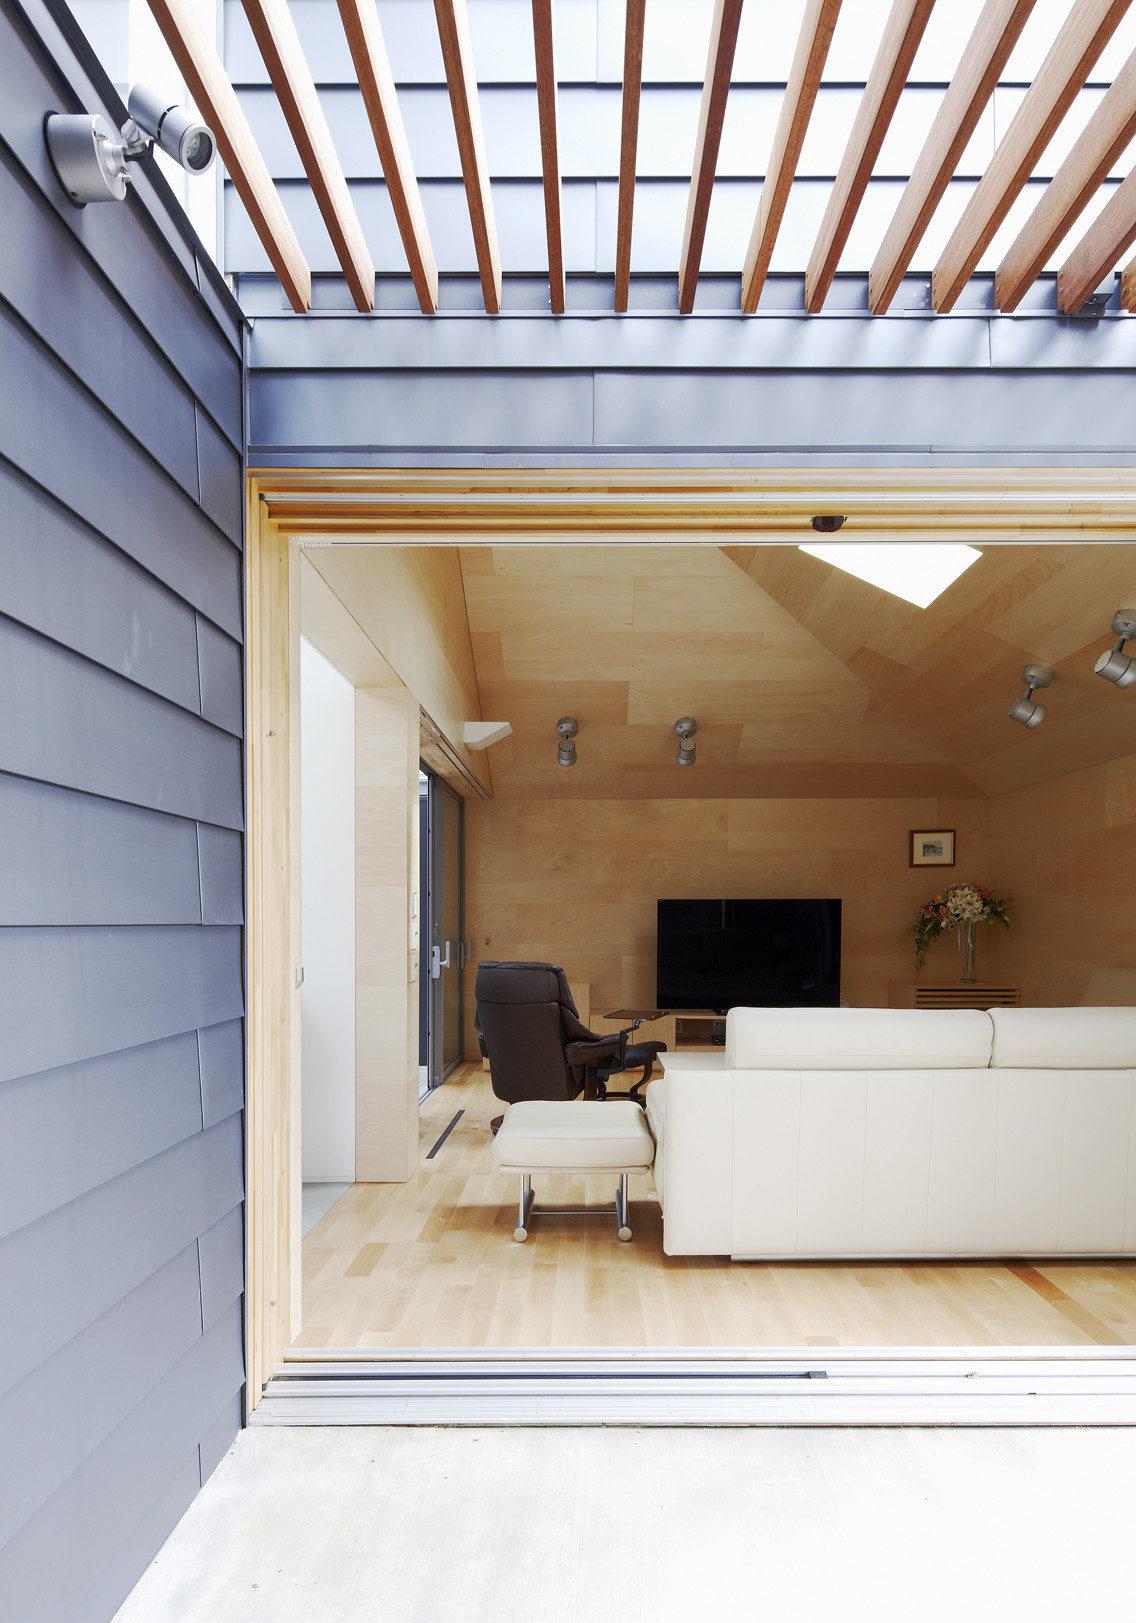 ¿Dentro o fuera? La Casa Yagiyama nos propone una dilución de conceptos